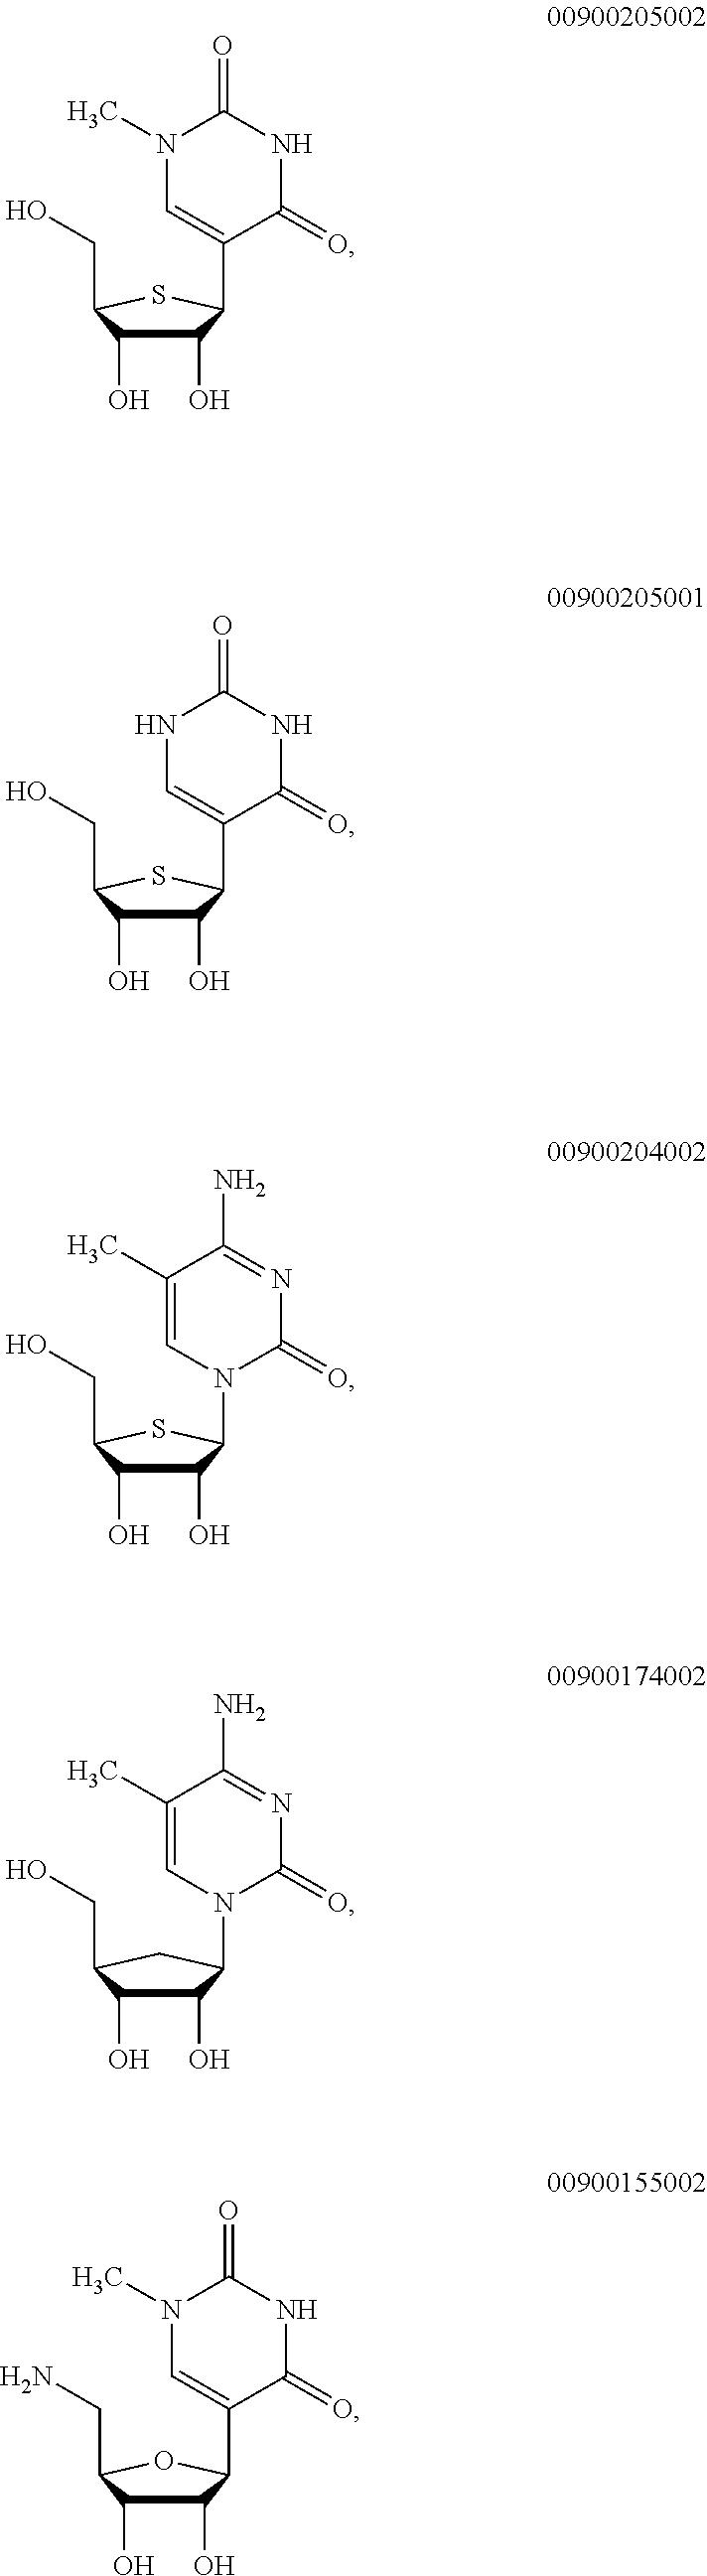 Figure US20160237108A1-20160818-C00006